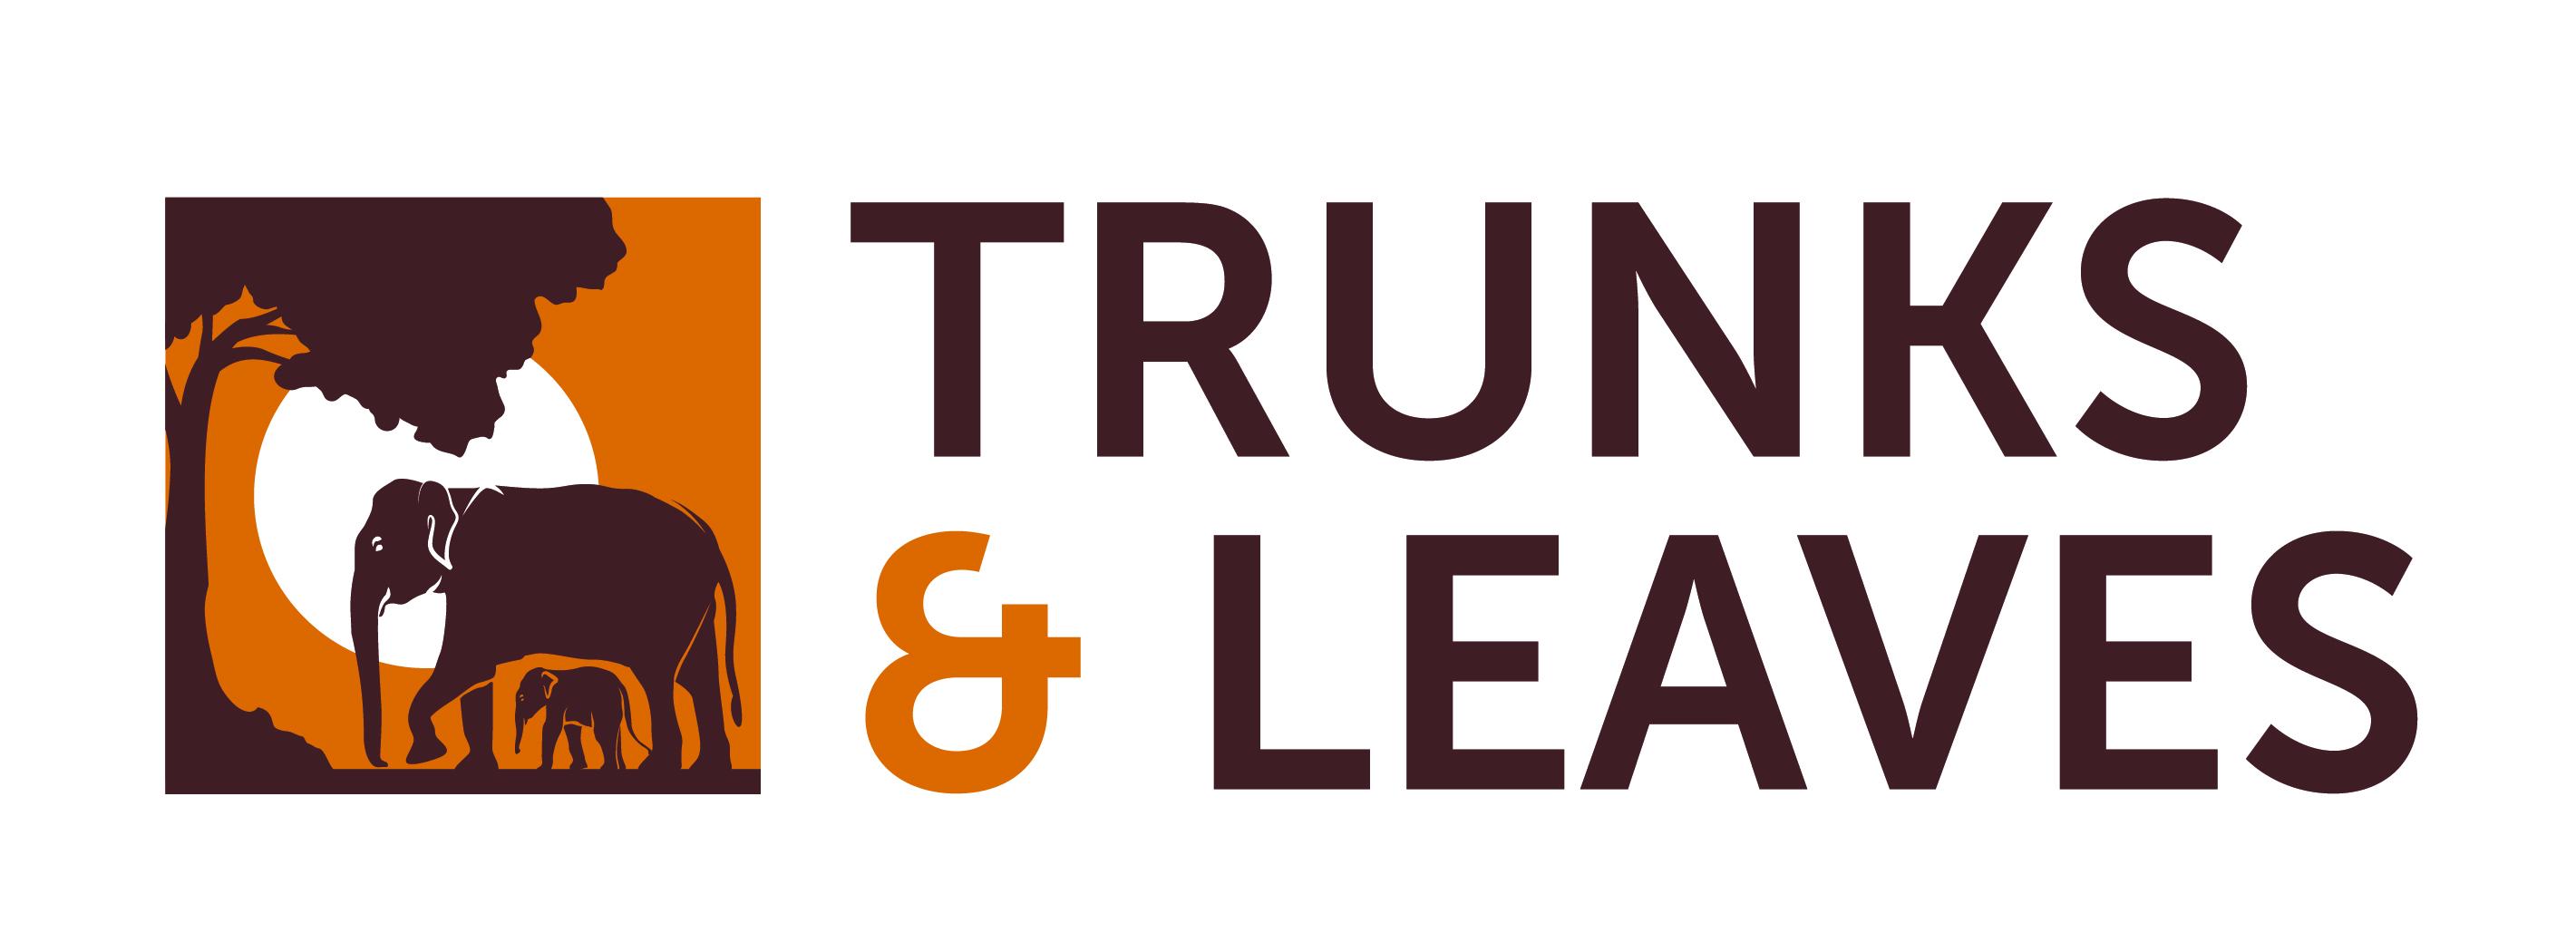 Trunks & Leaves logo